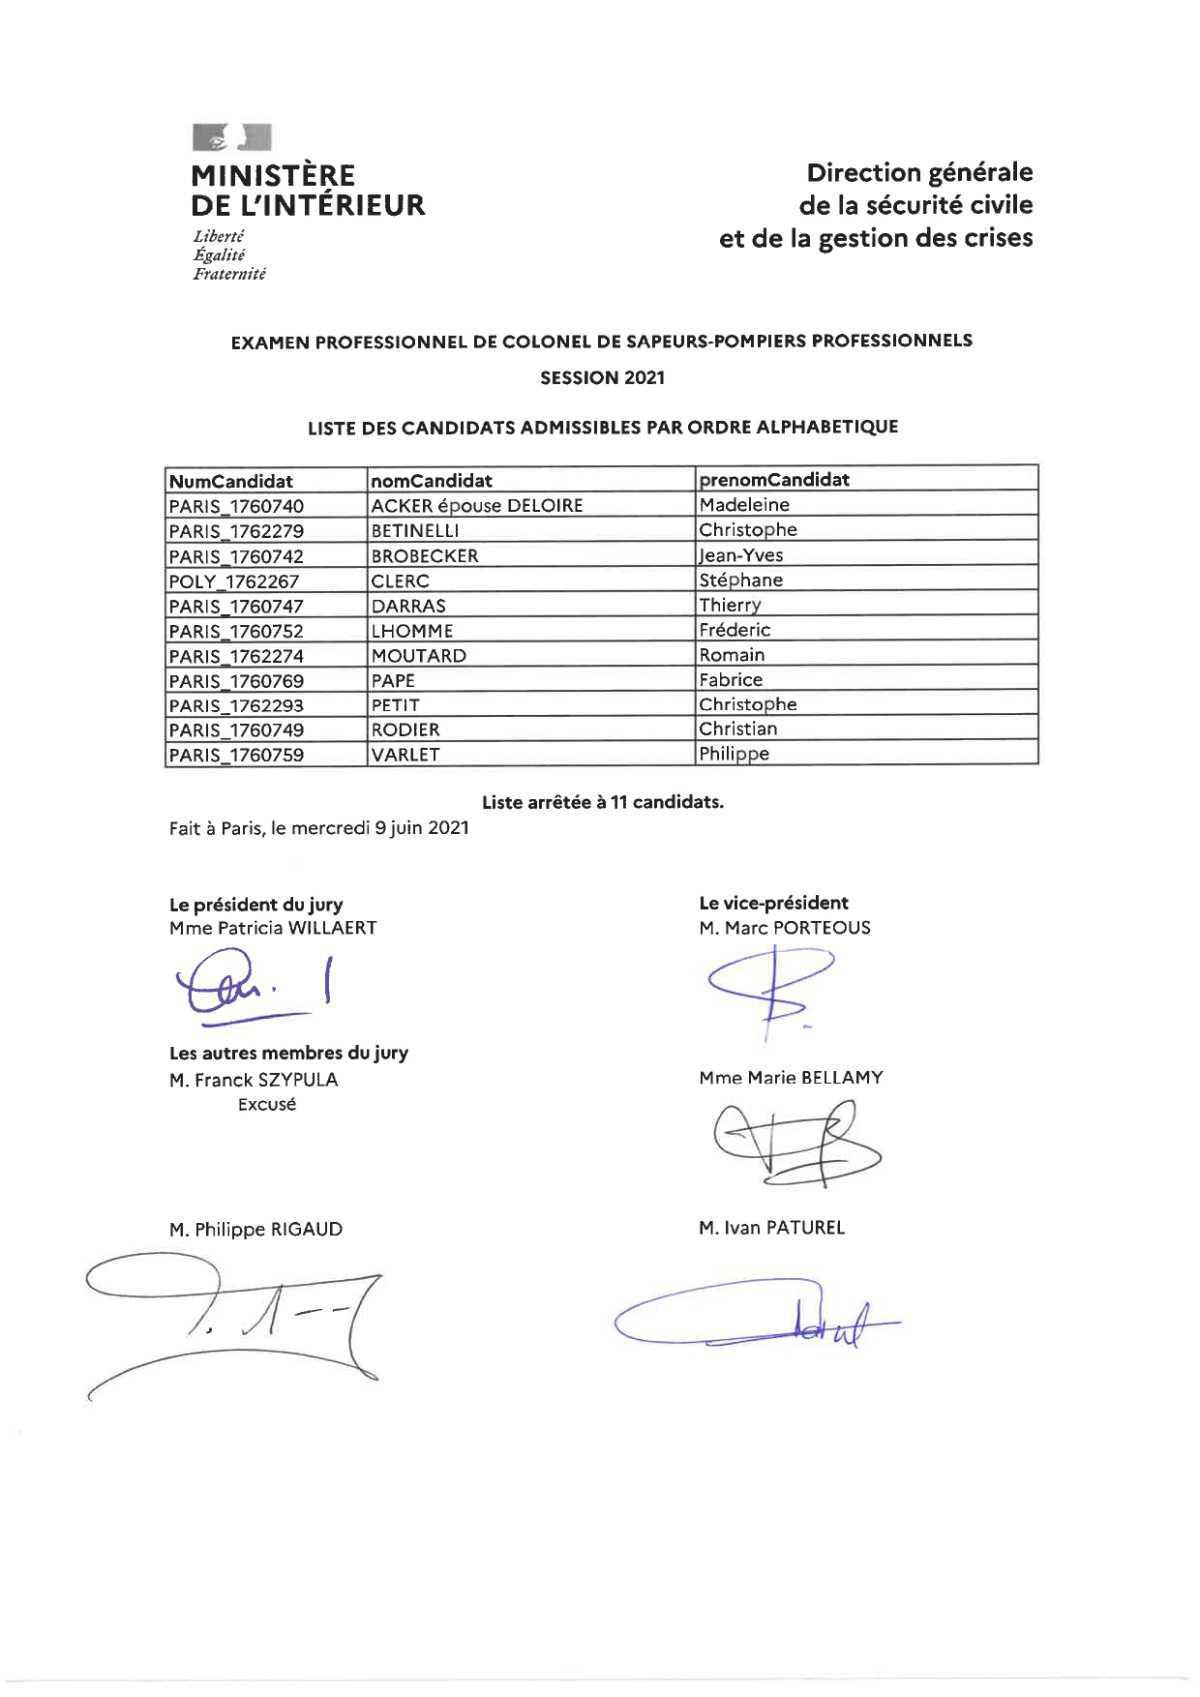 Liste des admissibles à l'examen professionnel de colonel